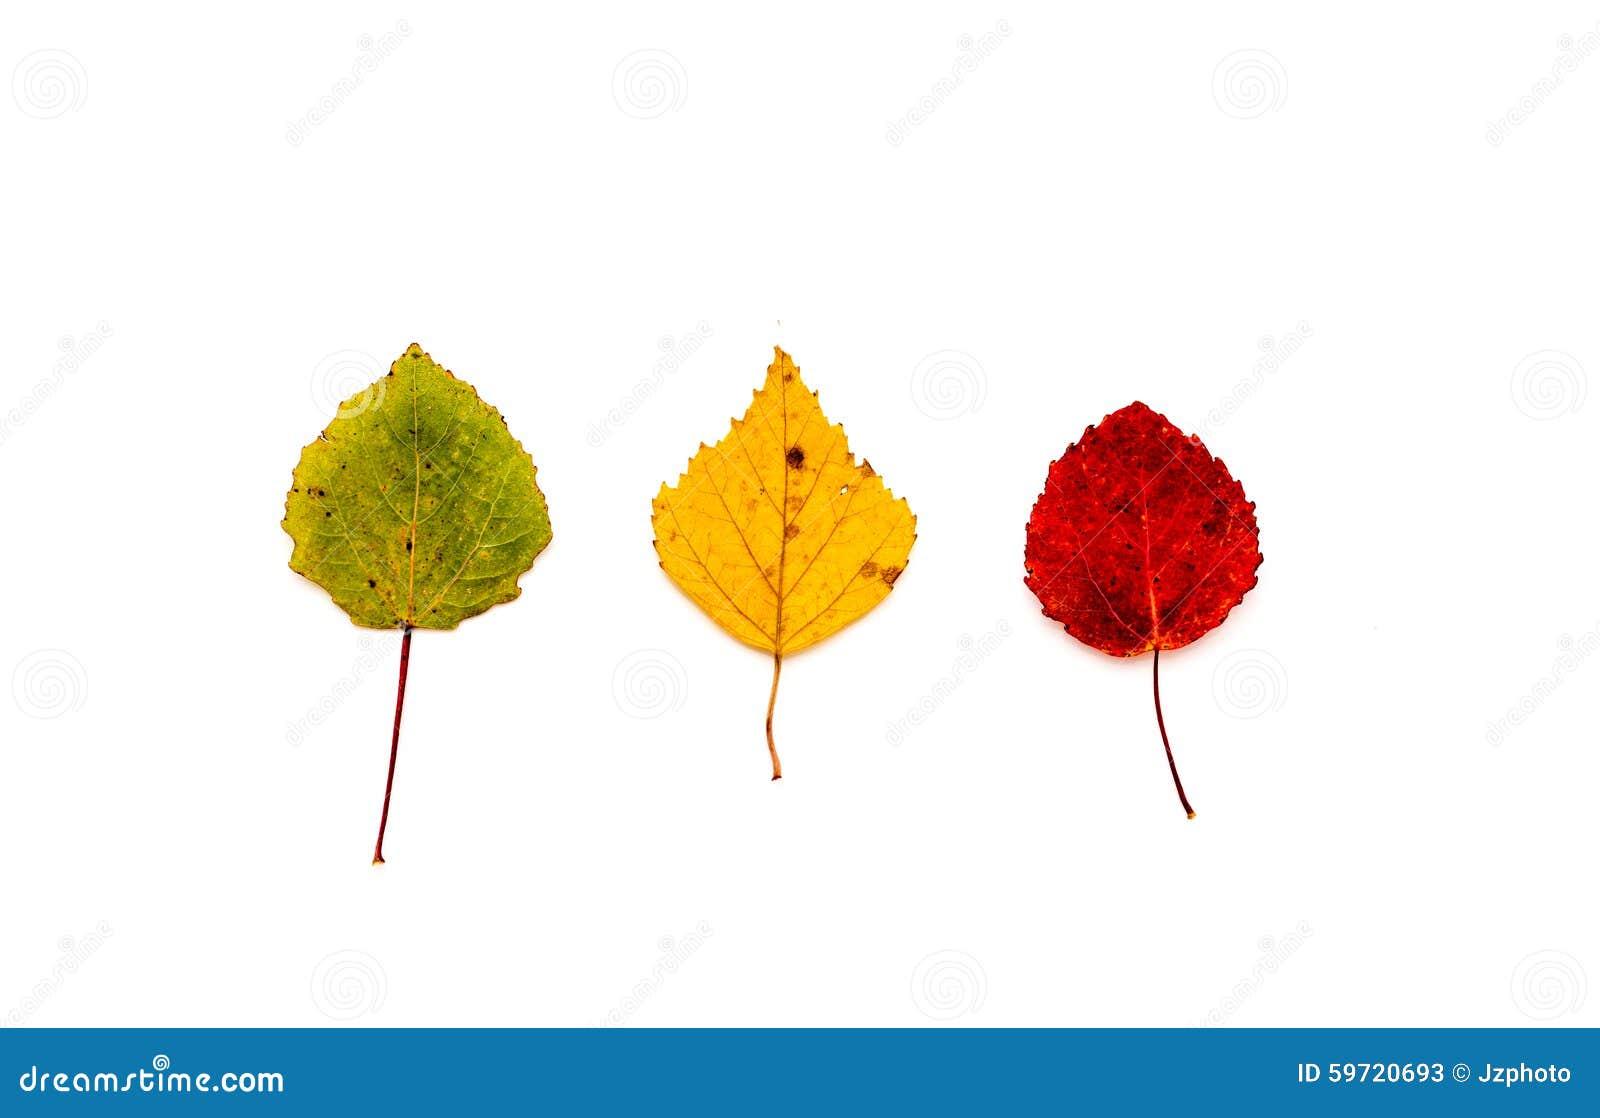 Feuilles vert jaune et rouge d 39 arbre photo stock image 59720693 - Arbre feuille rouge toute l annee ...